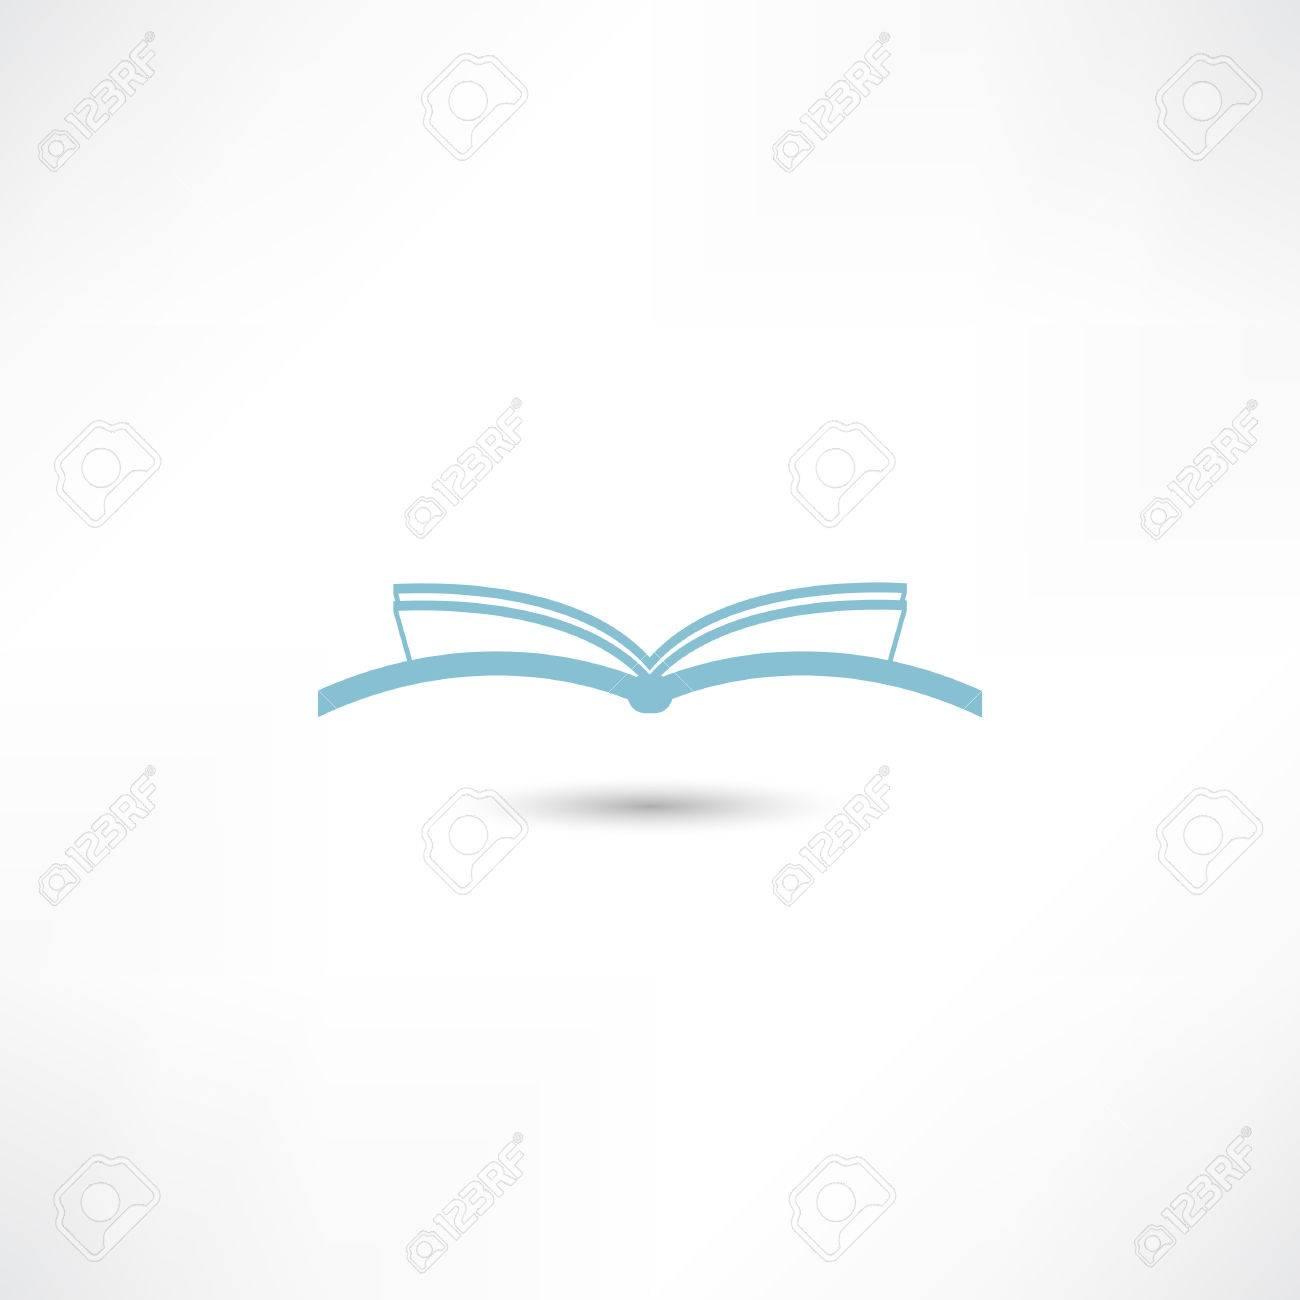 book icon - 32206932